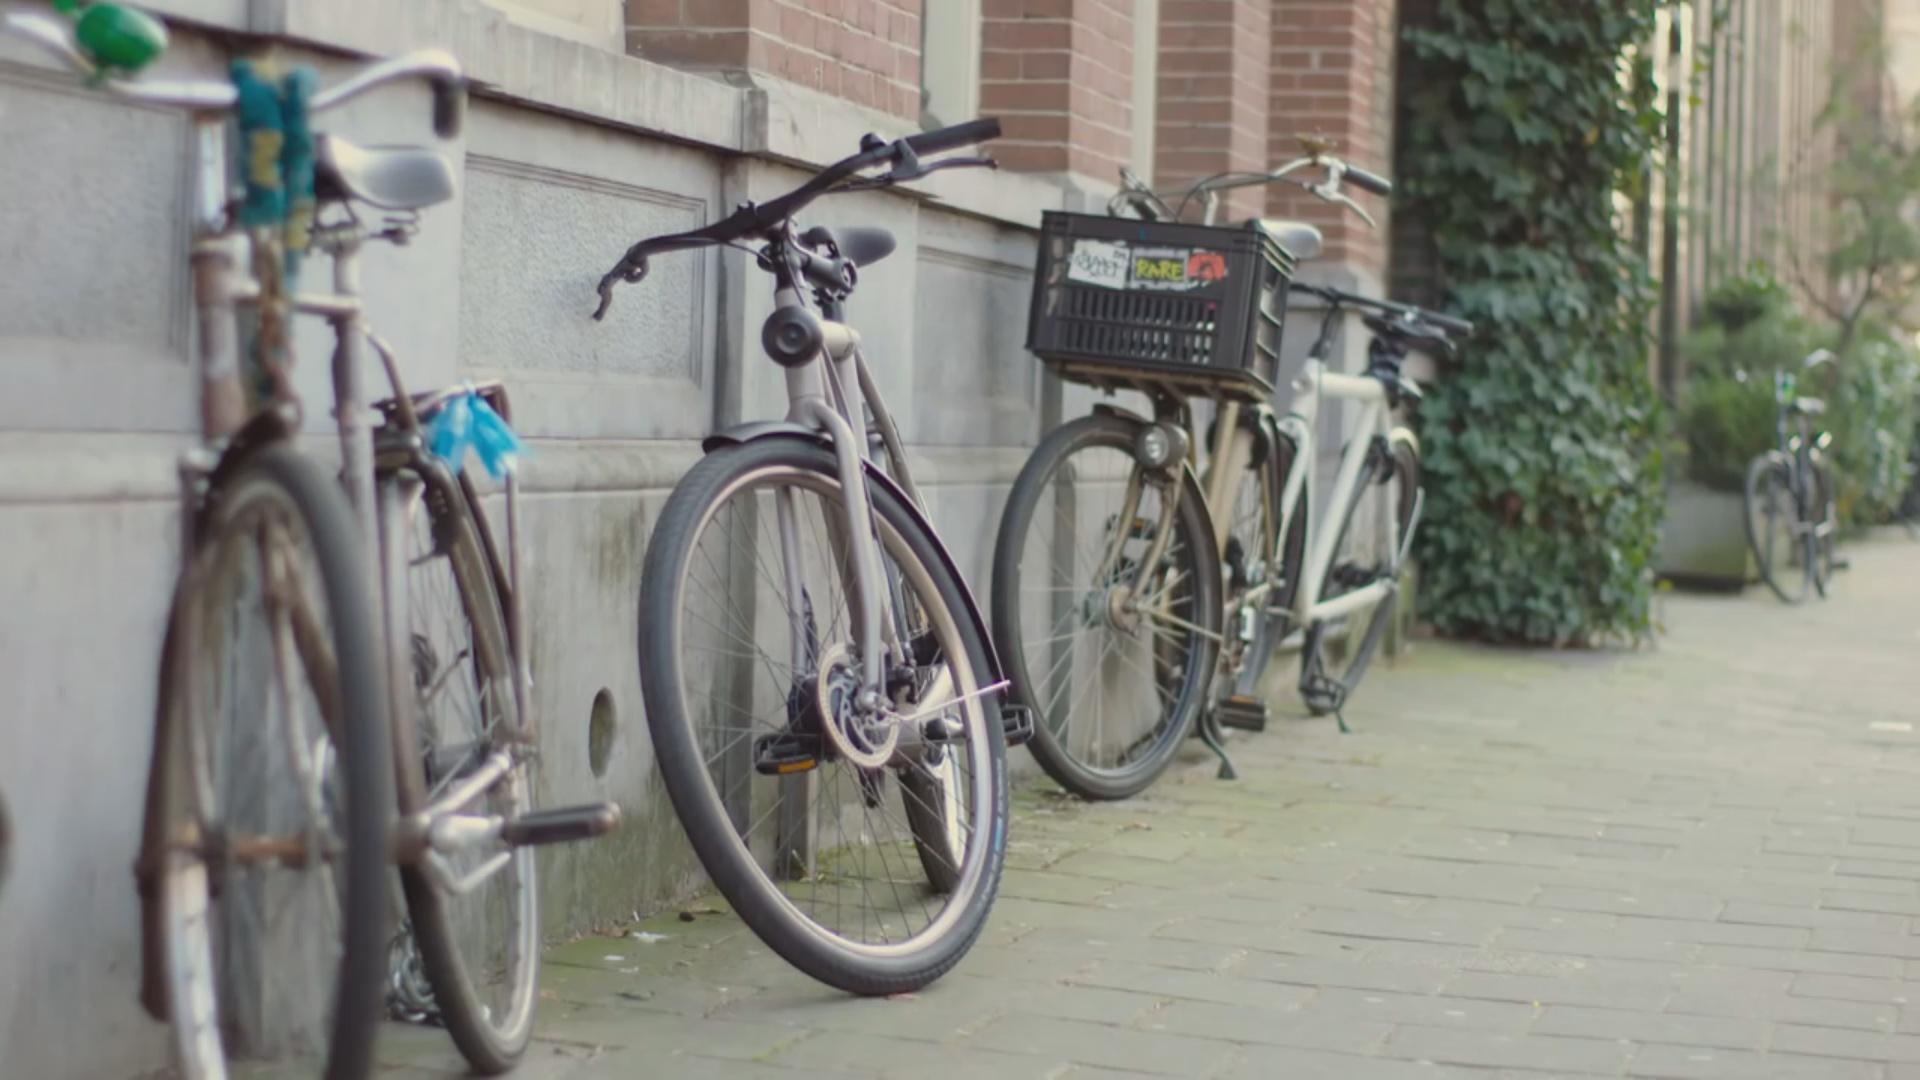 Öz-özünə hərəkət edən velosipedlər dövrü gəlir